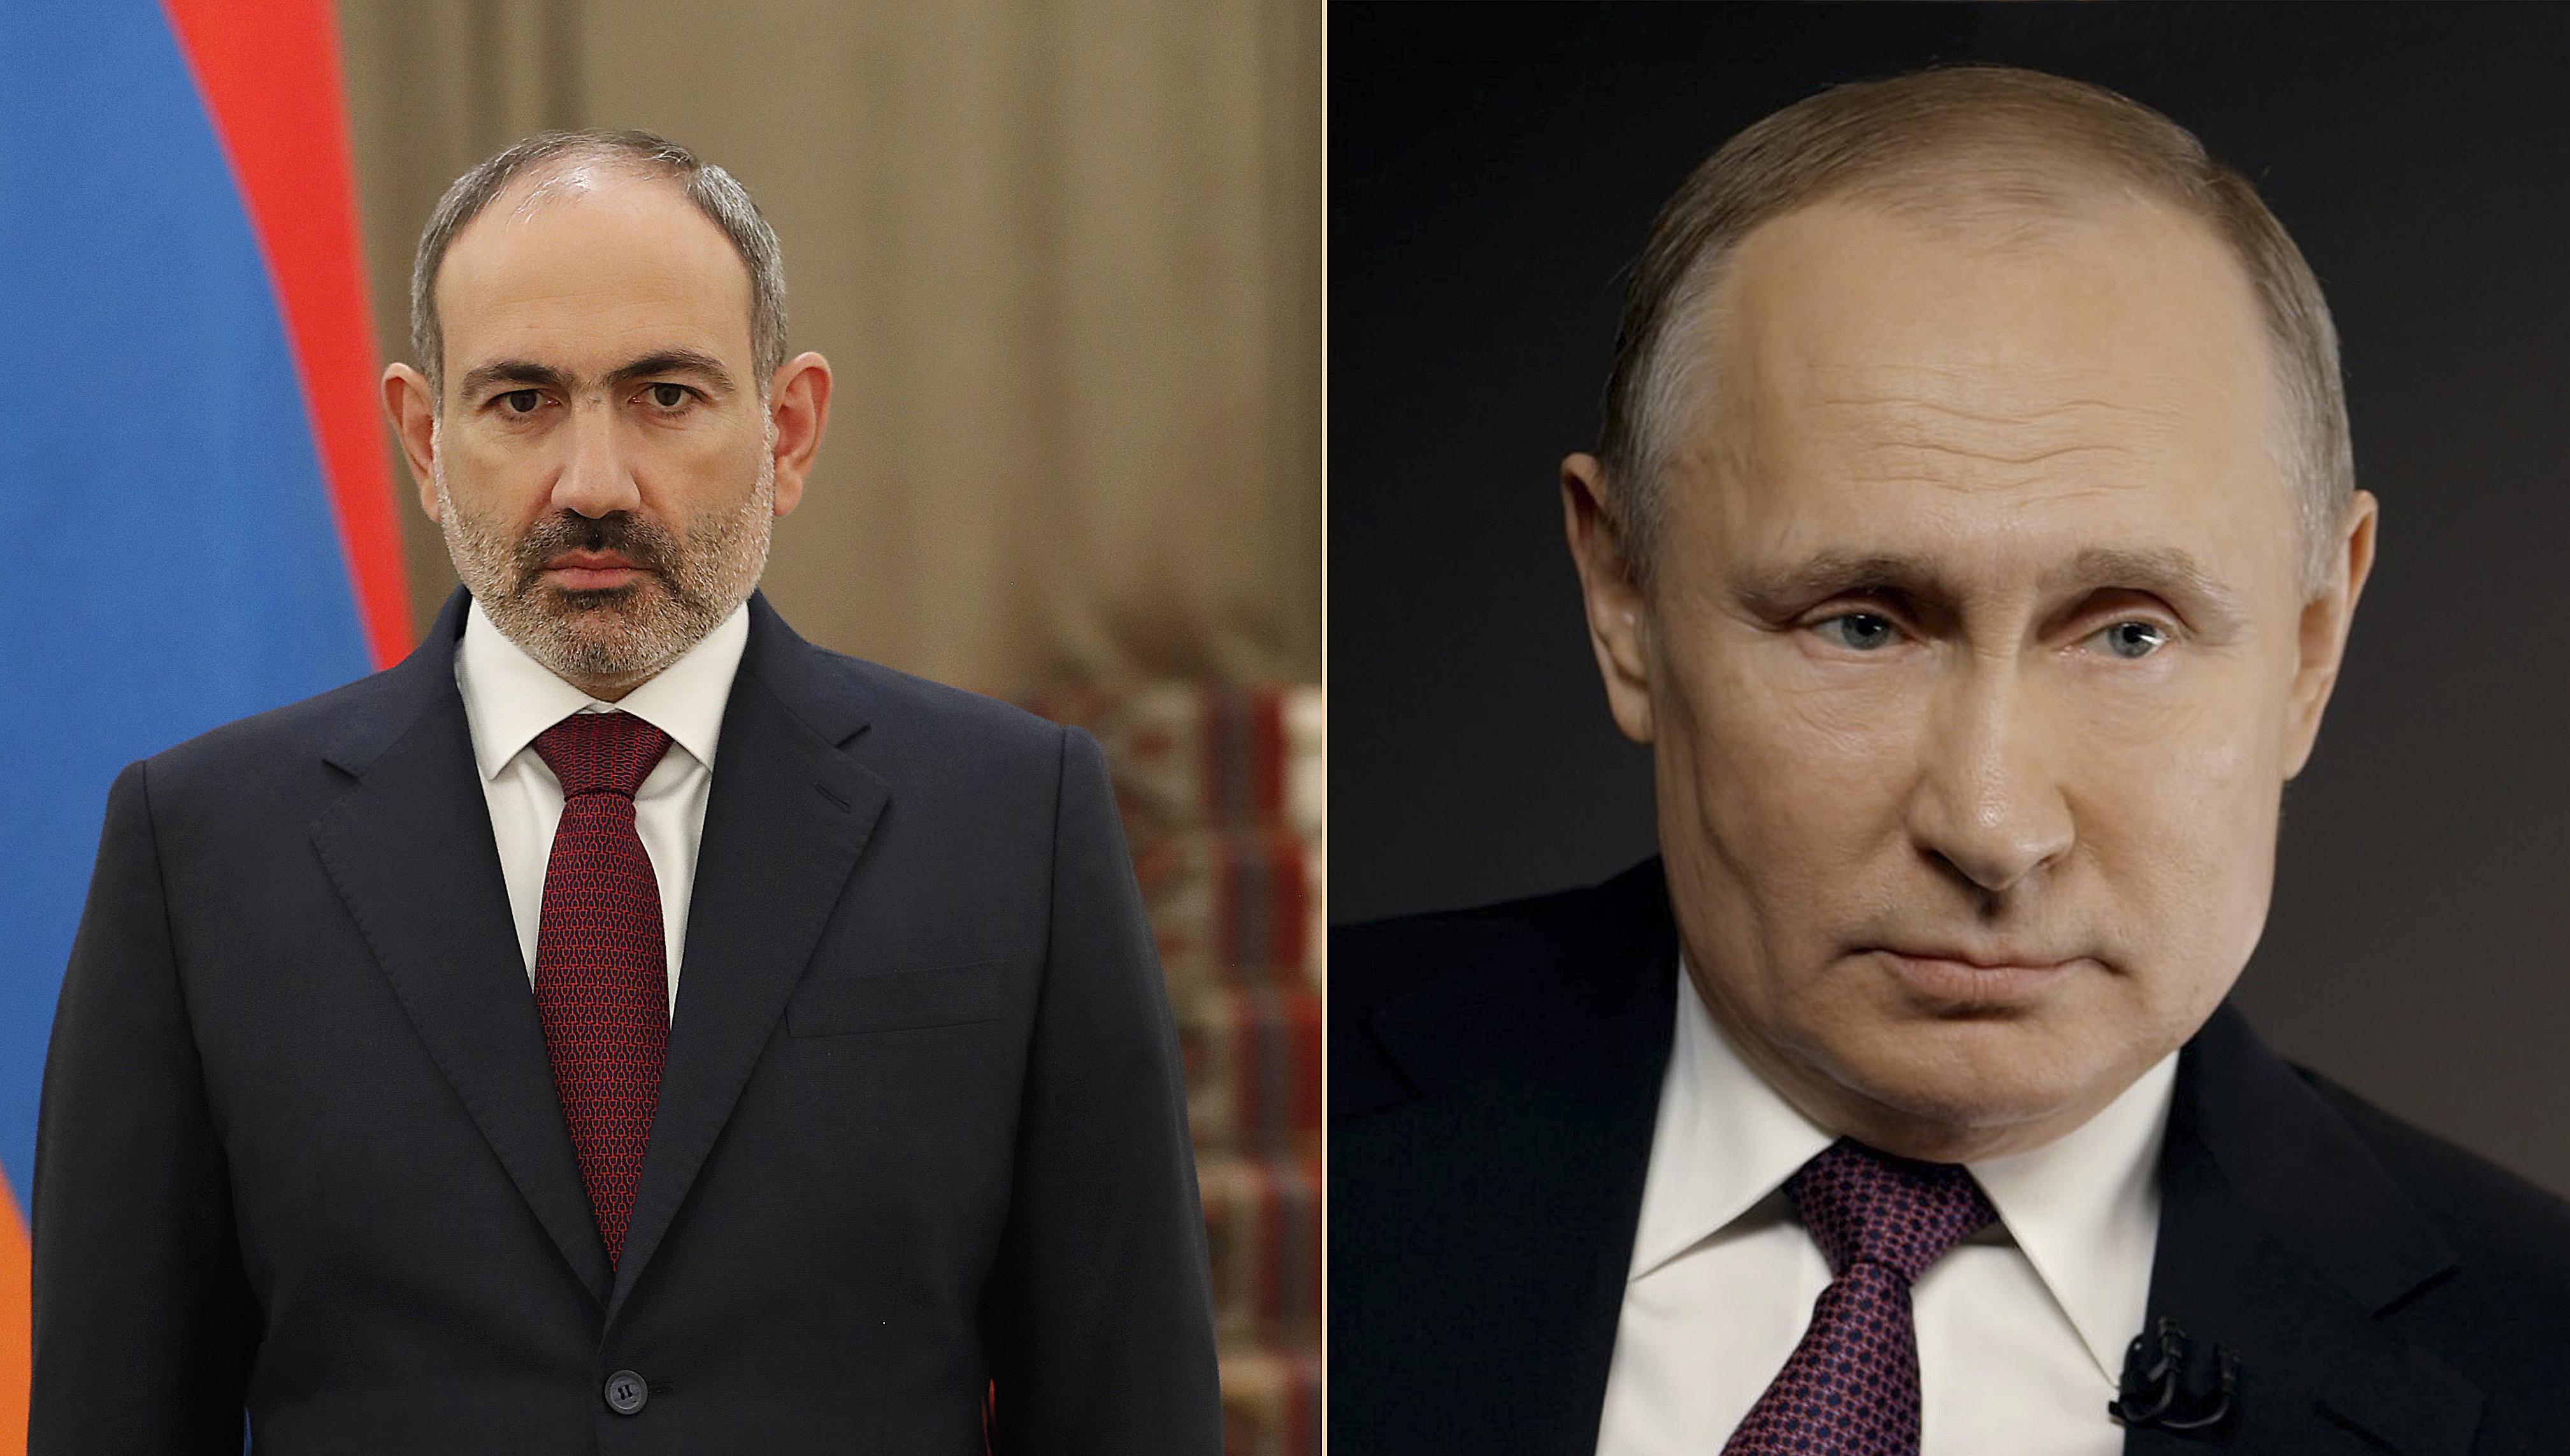 Photo of Пашинян и Путин сошлись во мнении вокруг методики разрешения ситуации на армяно- азербайджанской границе